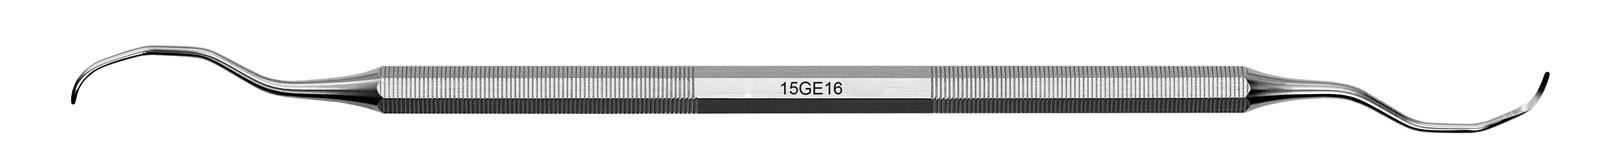 Kyreta Gracey Classic - 15GE16, ADEP silikonový návlek žlutý